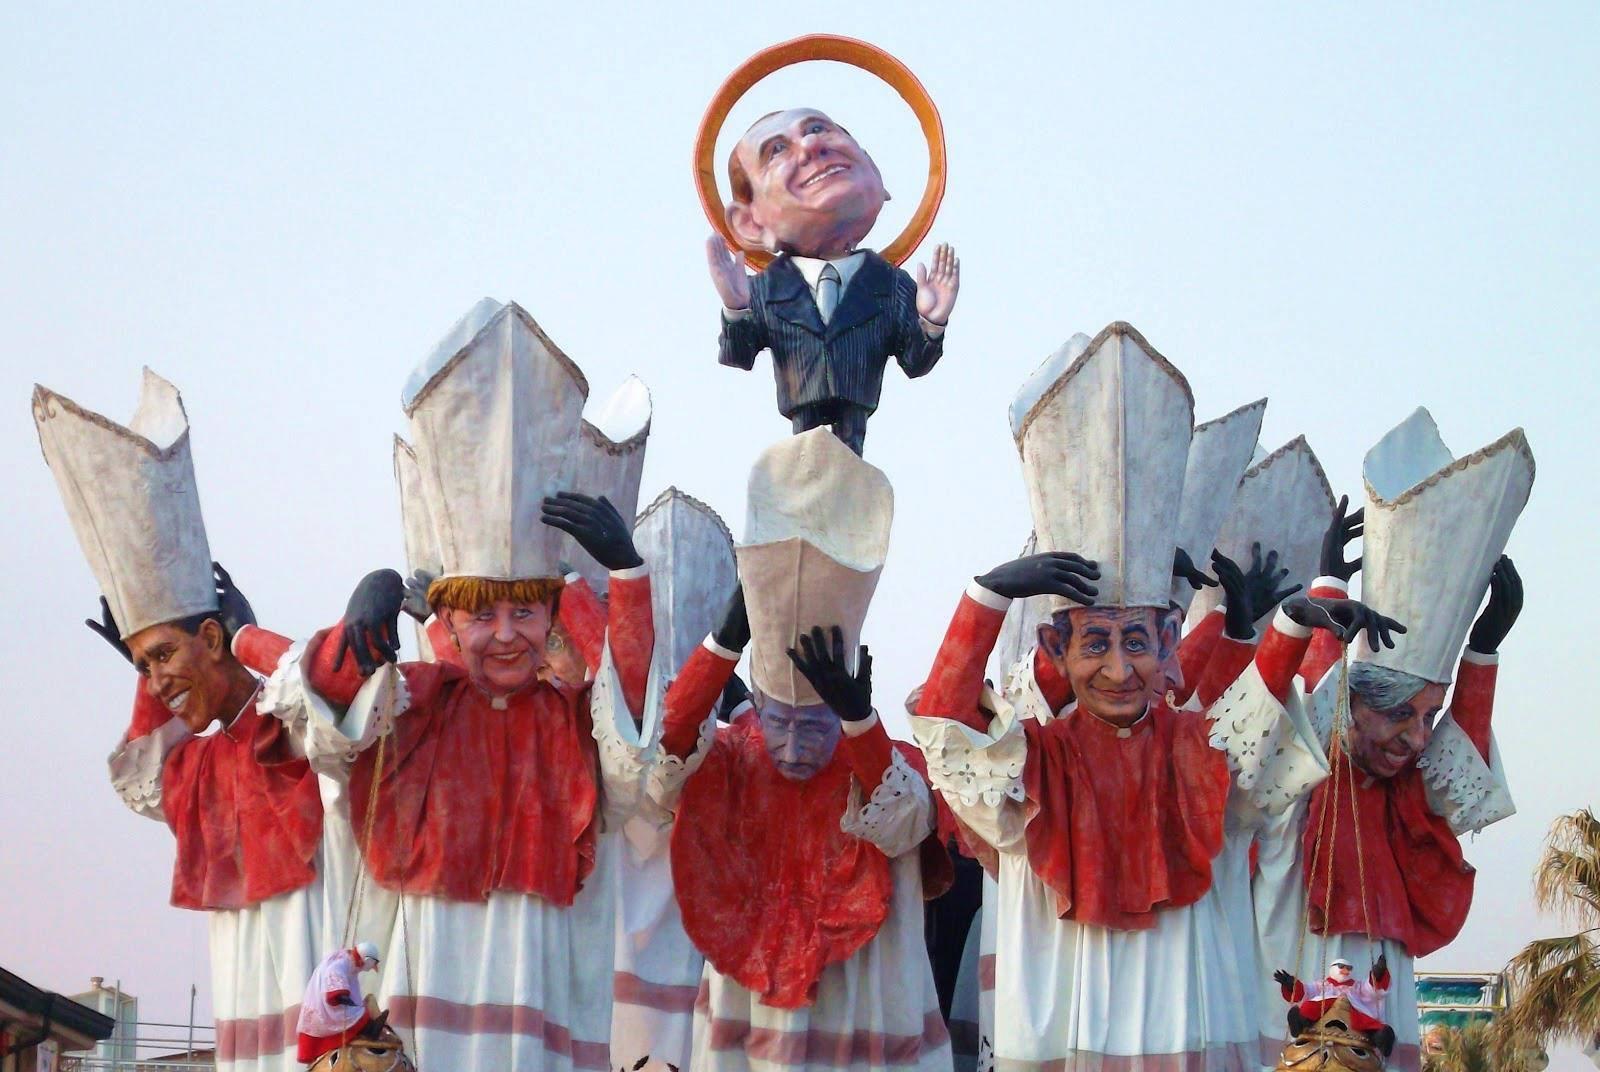 Праздники в Тоскане, март: сатирический карнавал в Виареджо